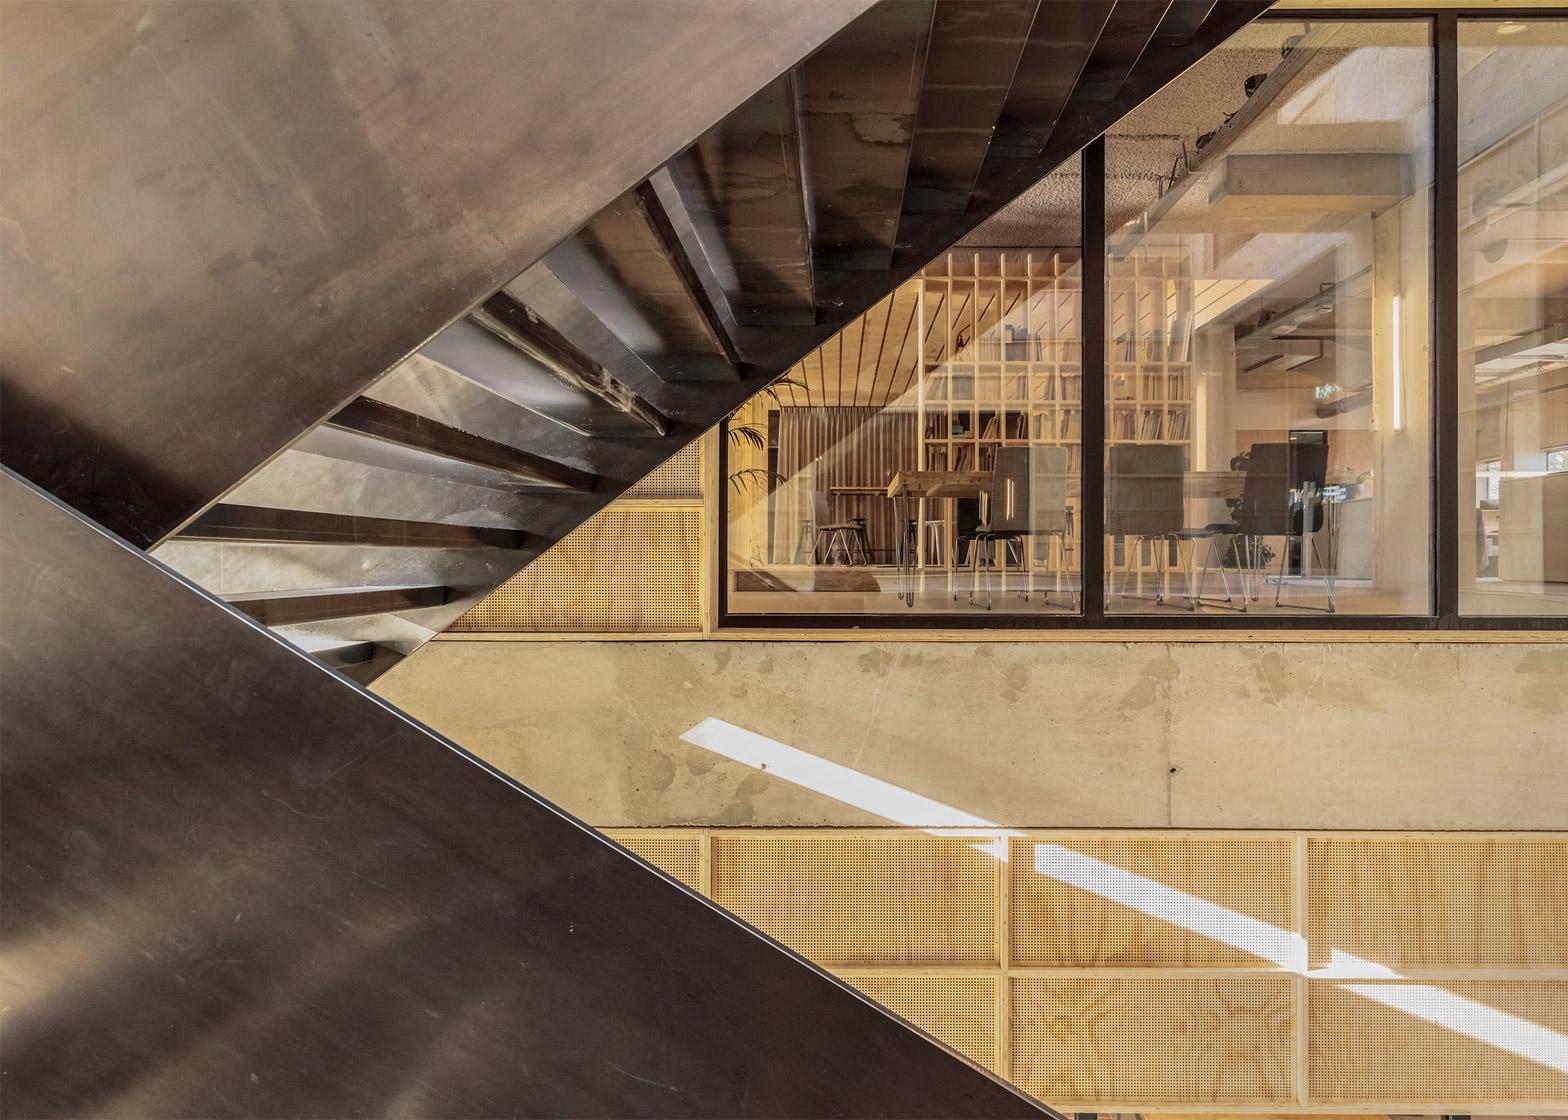 de-alliantie-headquarters-studio-nine-dots-lucent-industrial-site-hilversum-netherlands-peter-cuypers_dezeen_1568_011